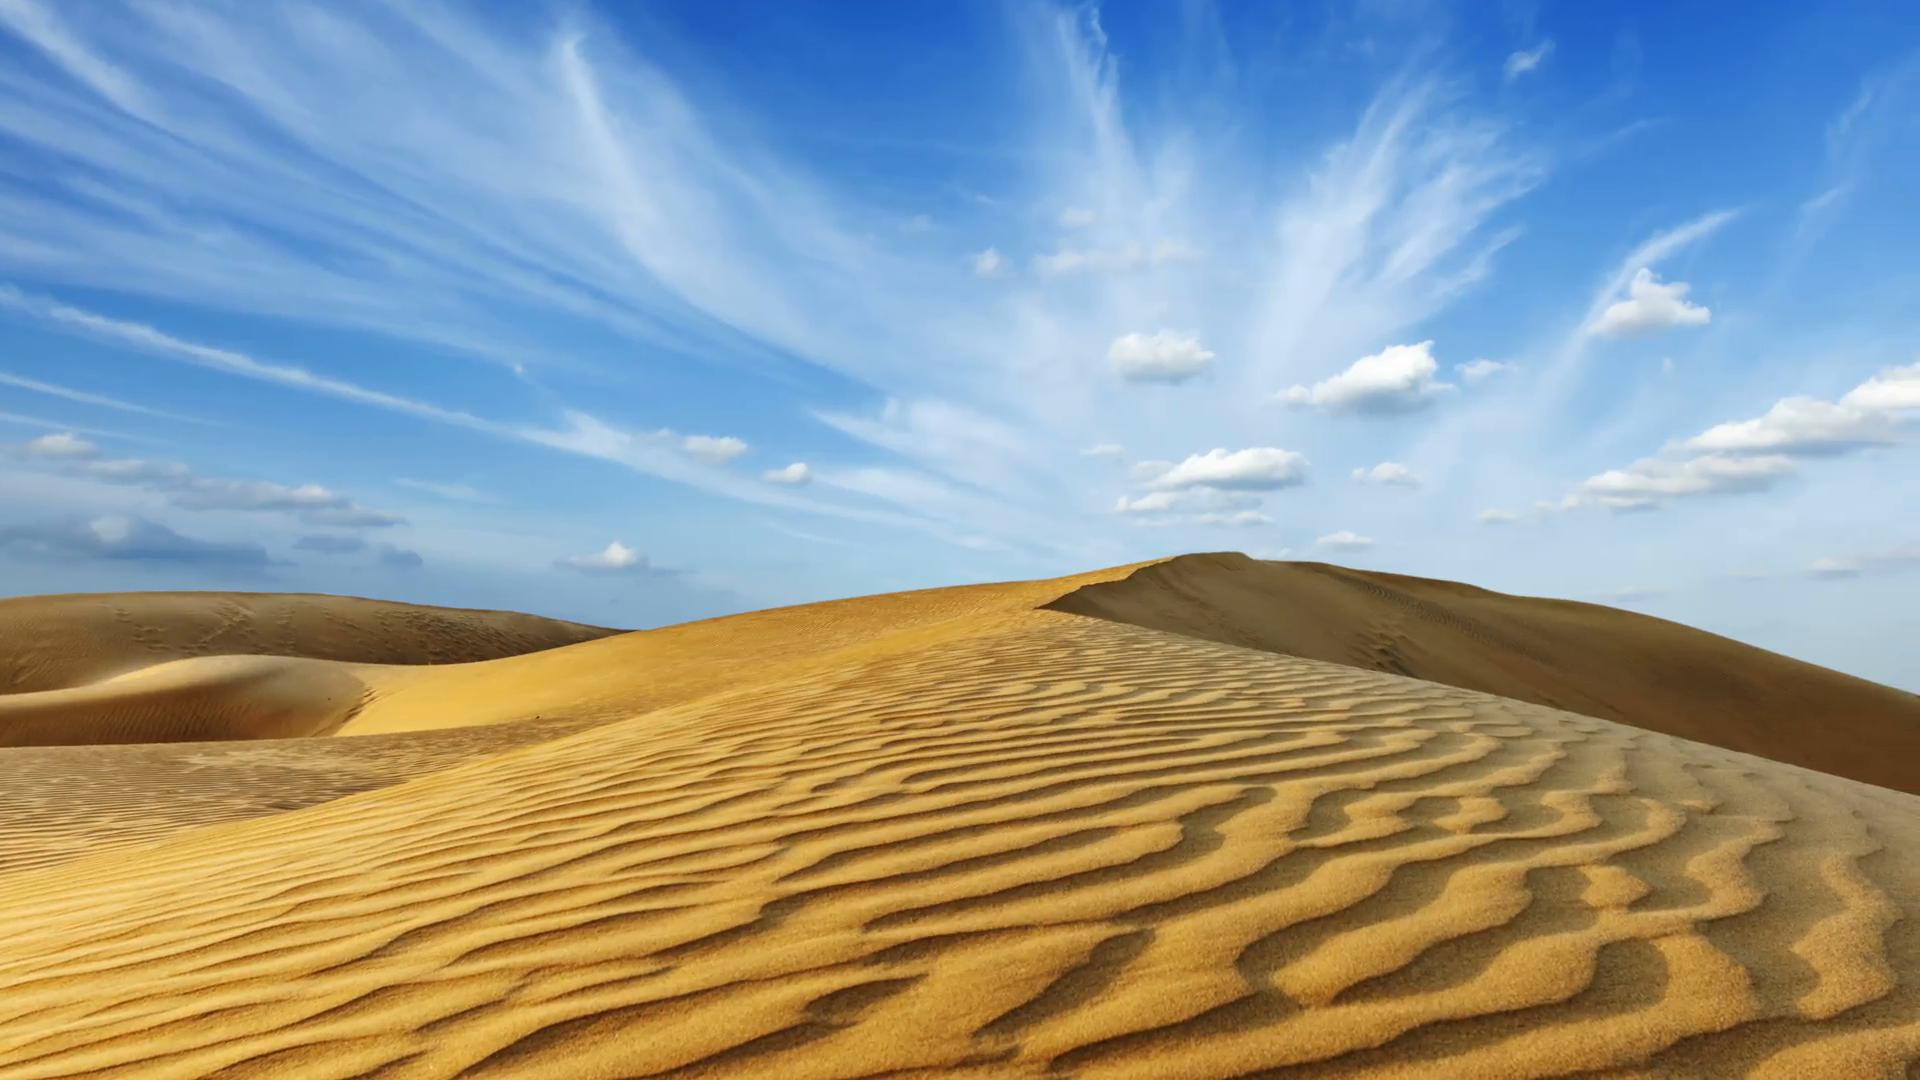 THE ROMANCE OF DESERT